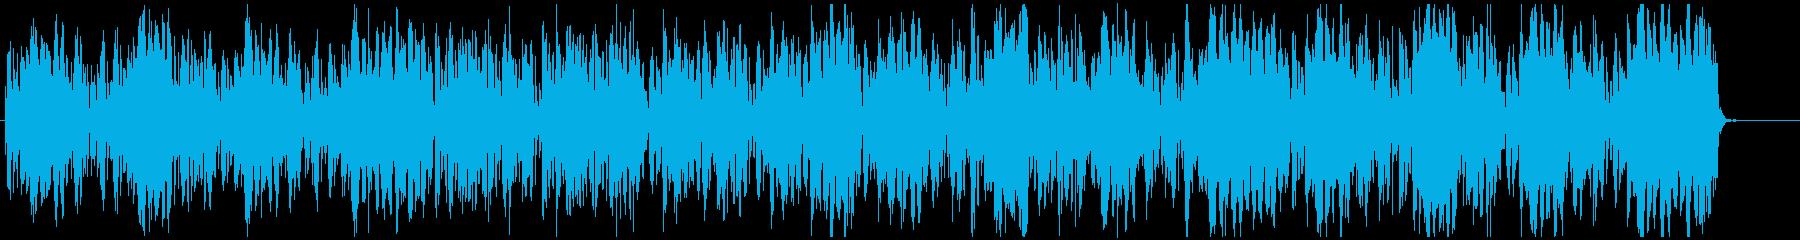 クールなモータウン調ヒップホップ的BGMの再生済みの波形